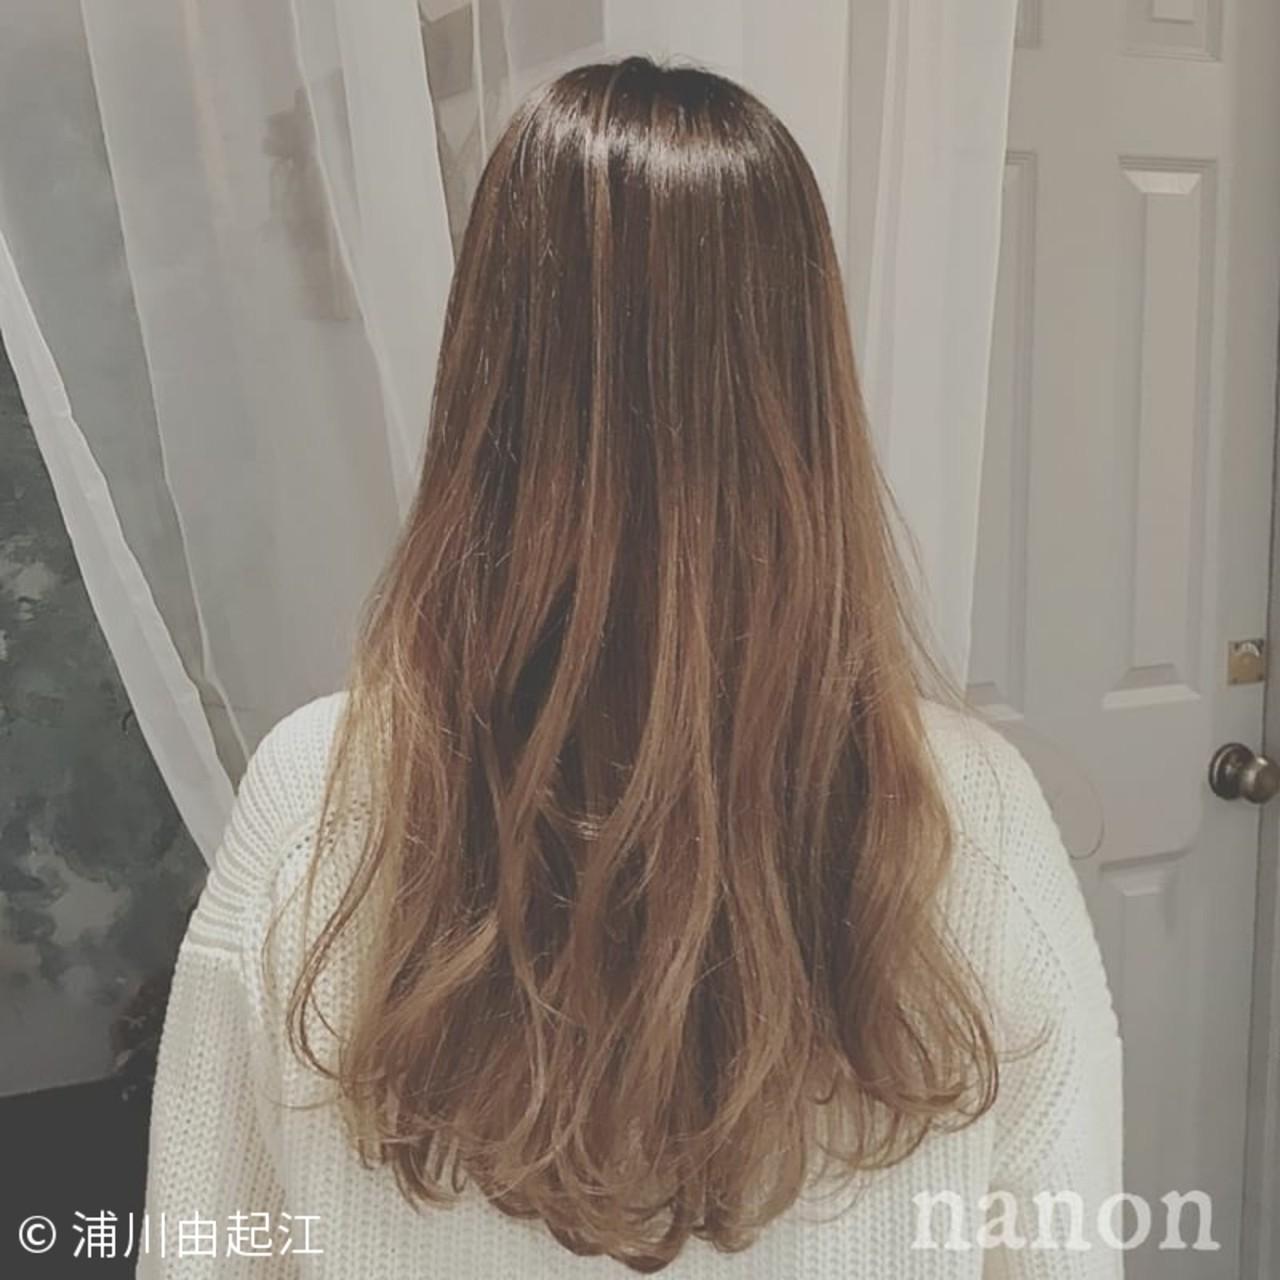 ロング グラデーションカラー 外国人風カラー ゆるふわ ヘアスタイルや髪型の写真・画像 | 浦川由起江 / nanon